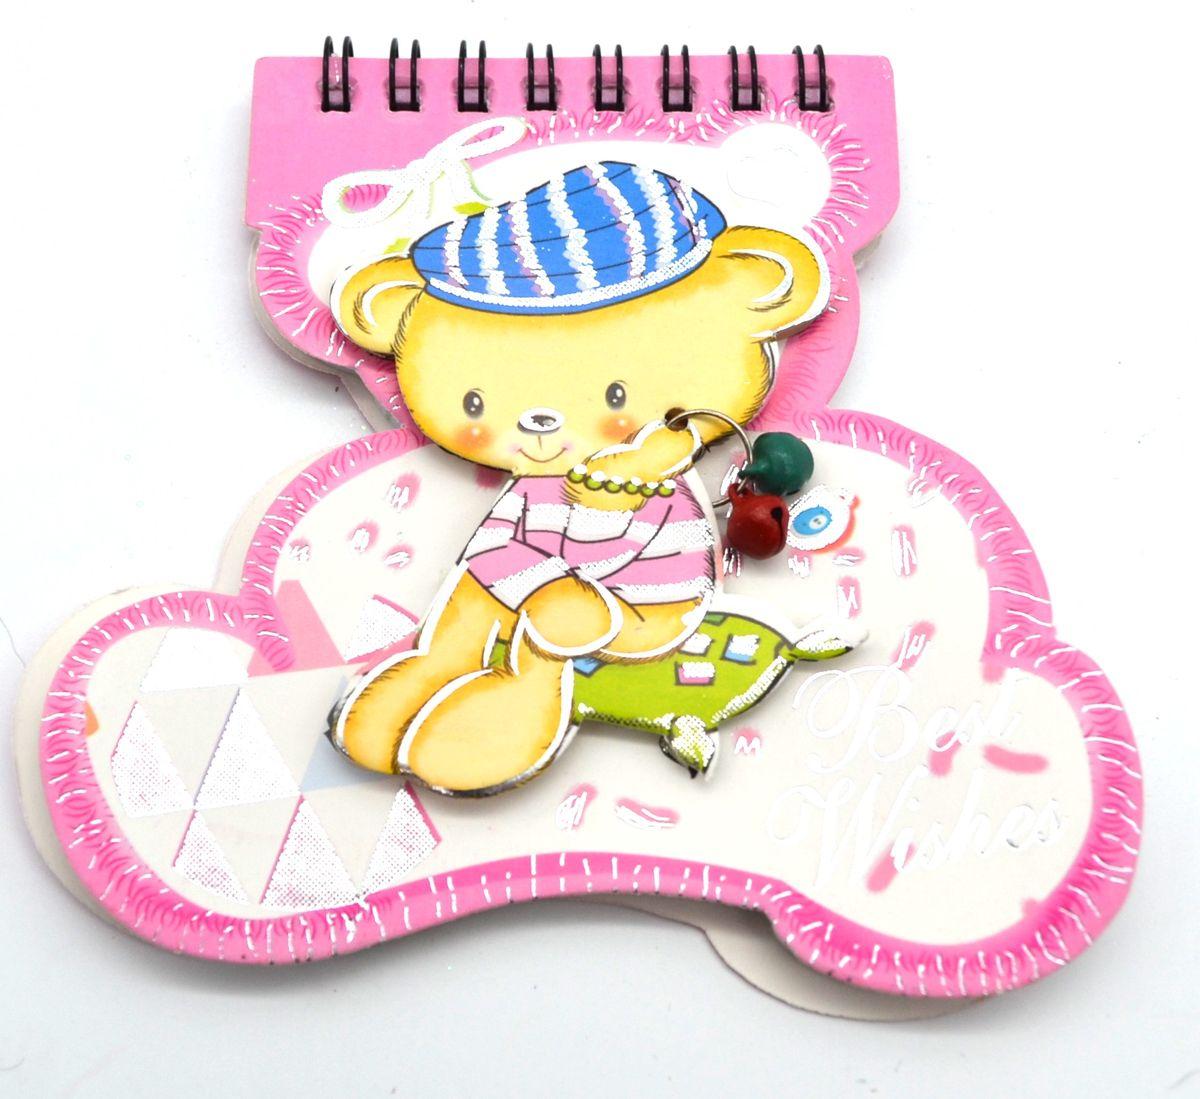 Карамба Блокнот Мишка с бубенчиками 48 листов в линейку цвет розовый 32174051Блокнот Карамба Мишка с бубенчикам на пружине вырублен по форме мишки с объемным изображением мишки с бубенчиками на обложке. Блокнот содержит 48 разлинованных листов в линейку с изображением мишки. Изделие имеет индивидуальную упаковку.